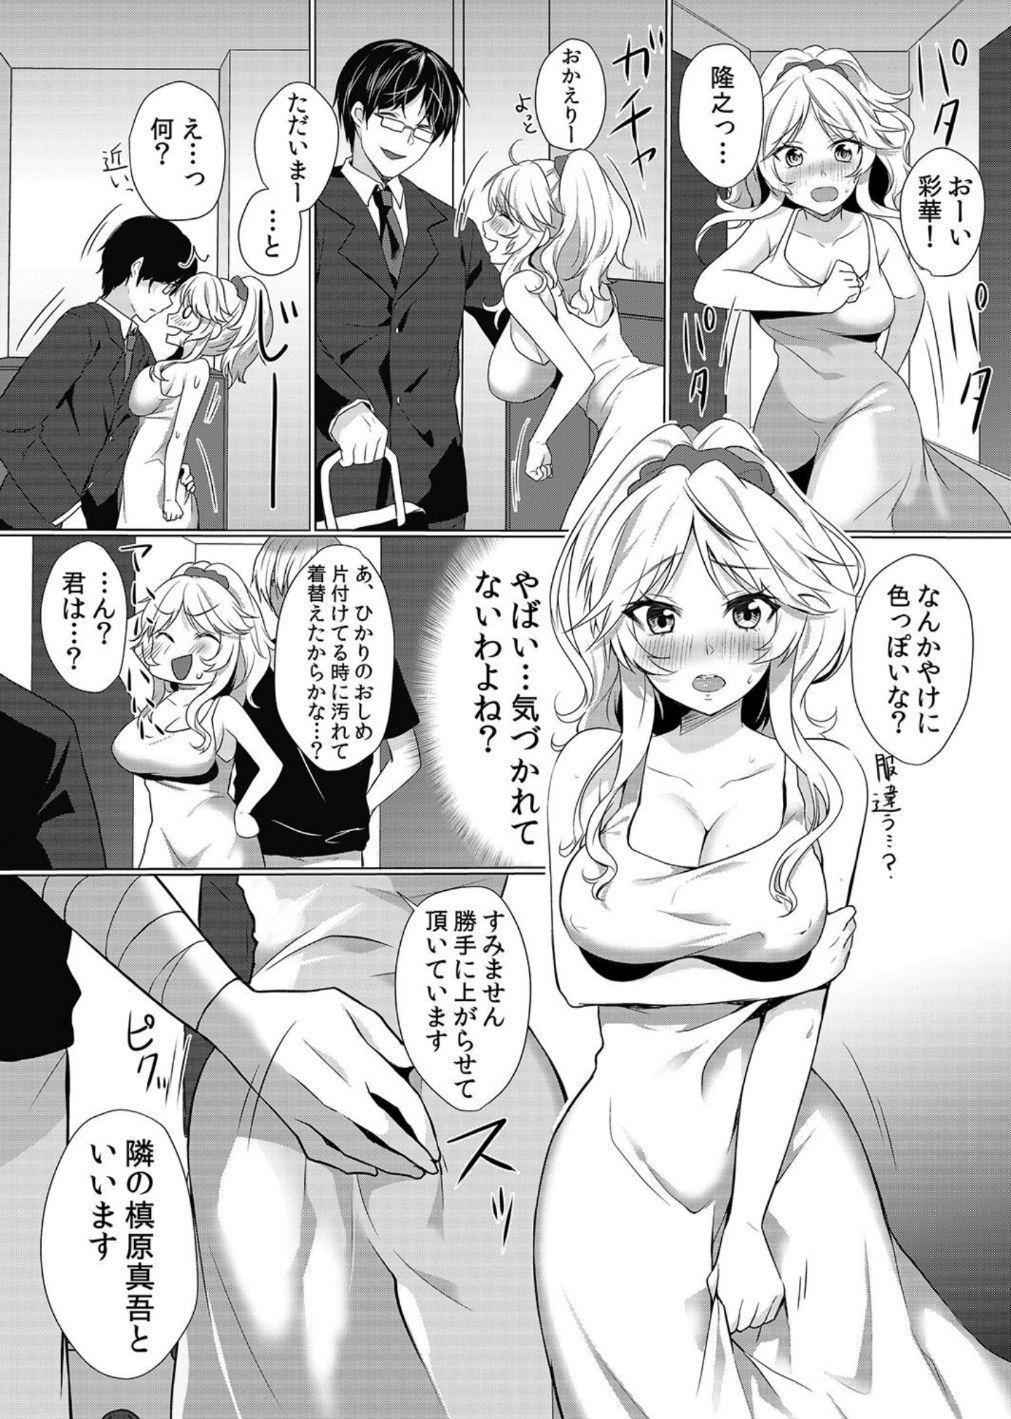 Junyuuchuu no Yanmama ni Pakopako Tanetsuke!! ~ Sonna ni Dasaretara... Milk ga Afurechau! 4 1